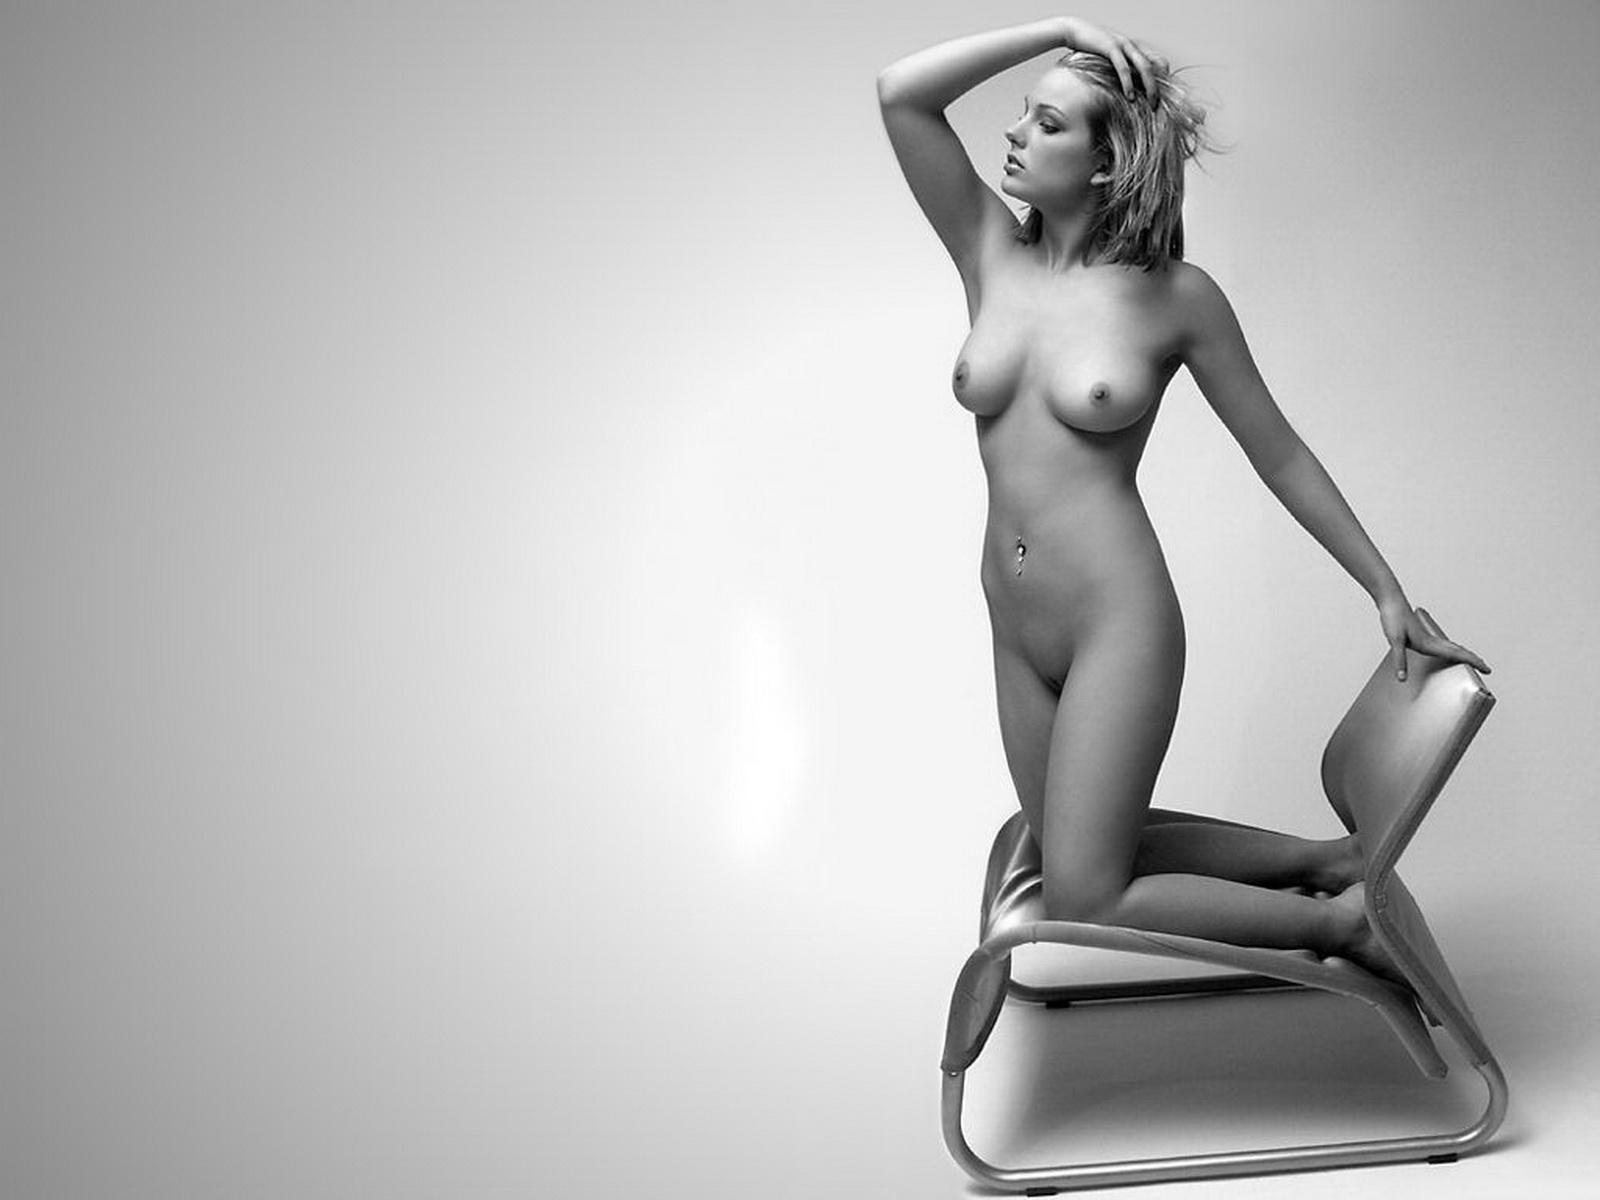 фото голых девушек в белье сеточке